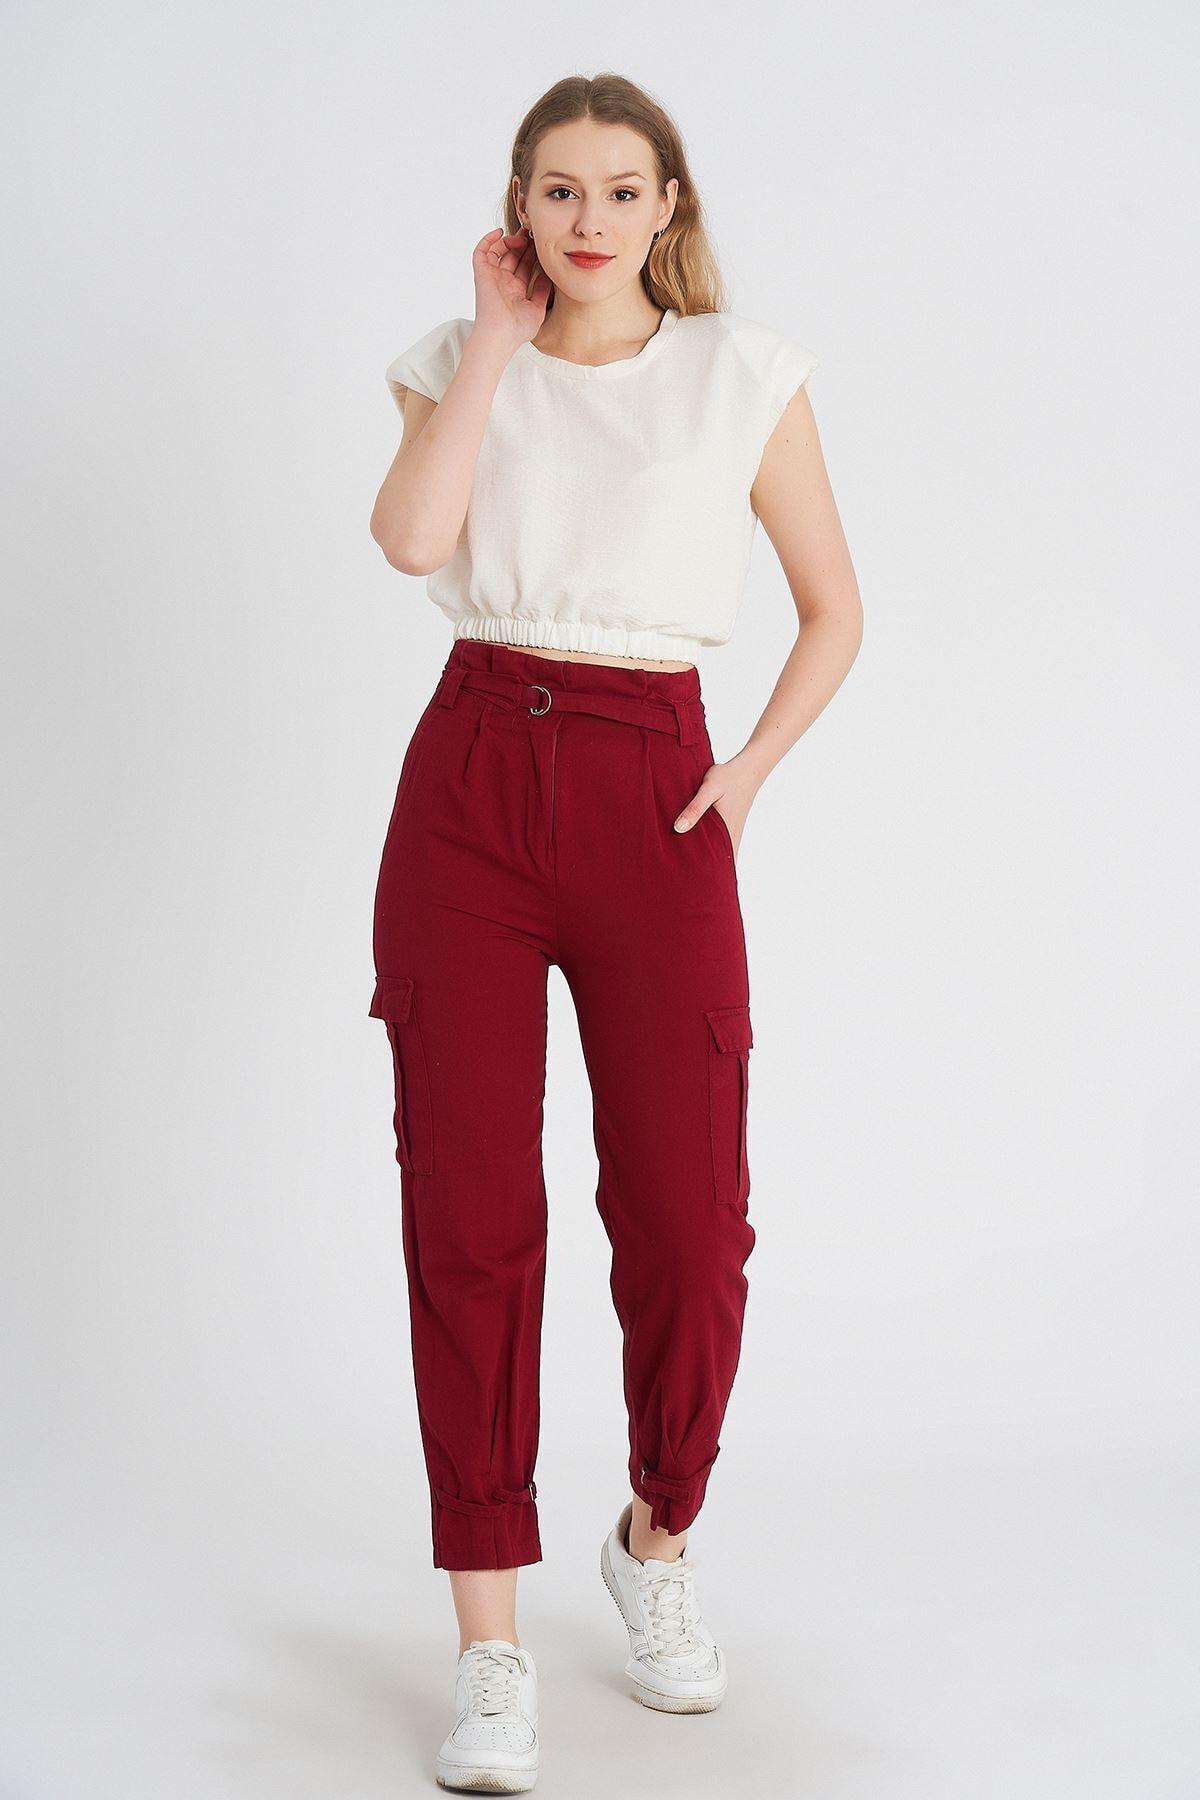 MissVina Kadın Bordo Paçası Tokalı Gabardin Pantolon K-3753 1